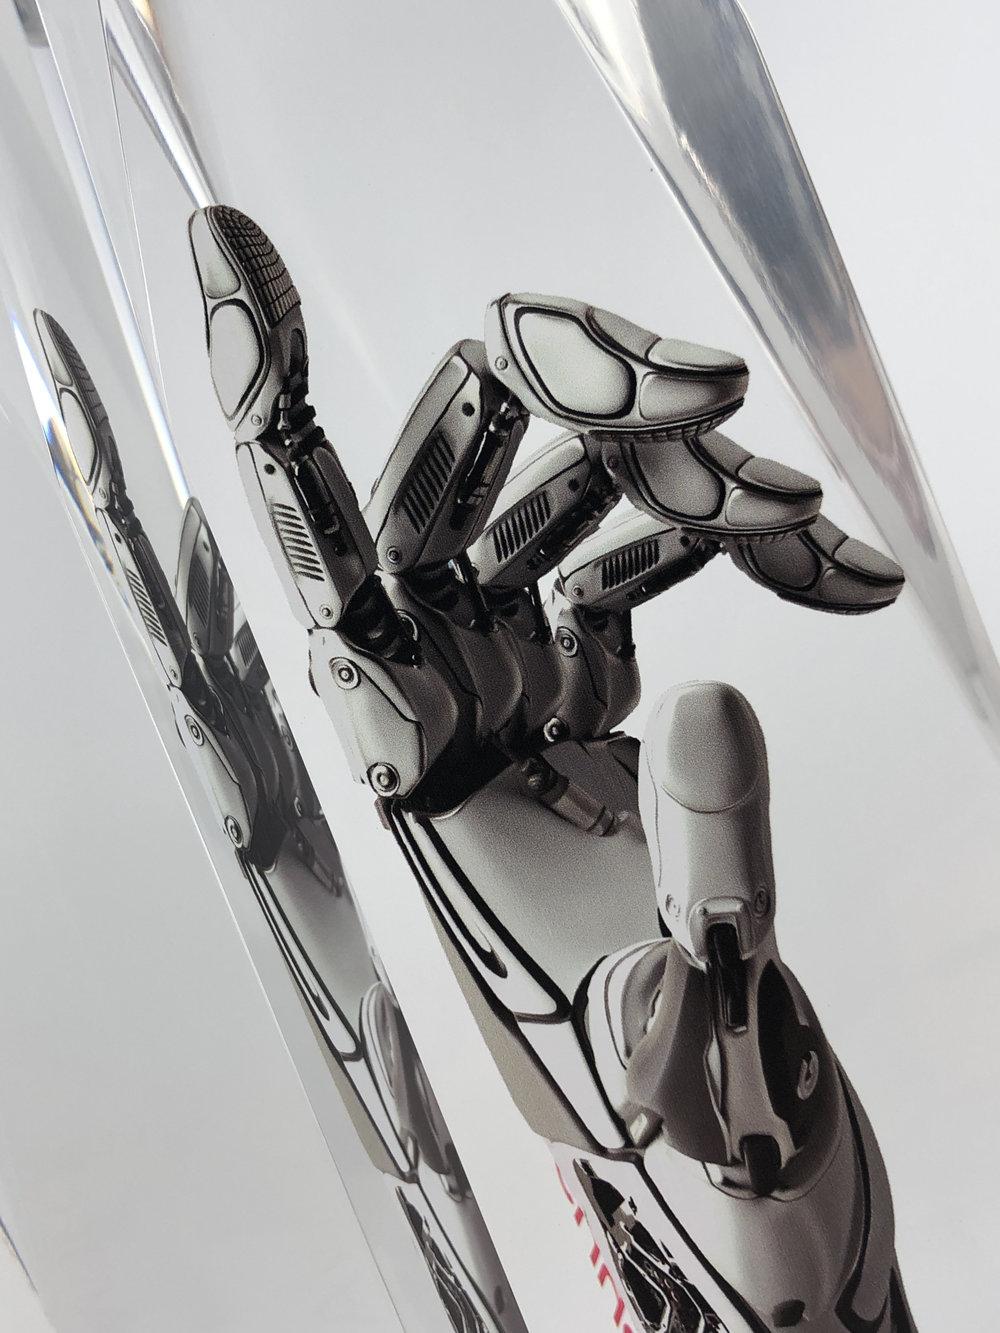 medtech-got-talent-awards-acrylic-graphic-print-art-trophy-05.jpg